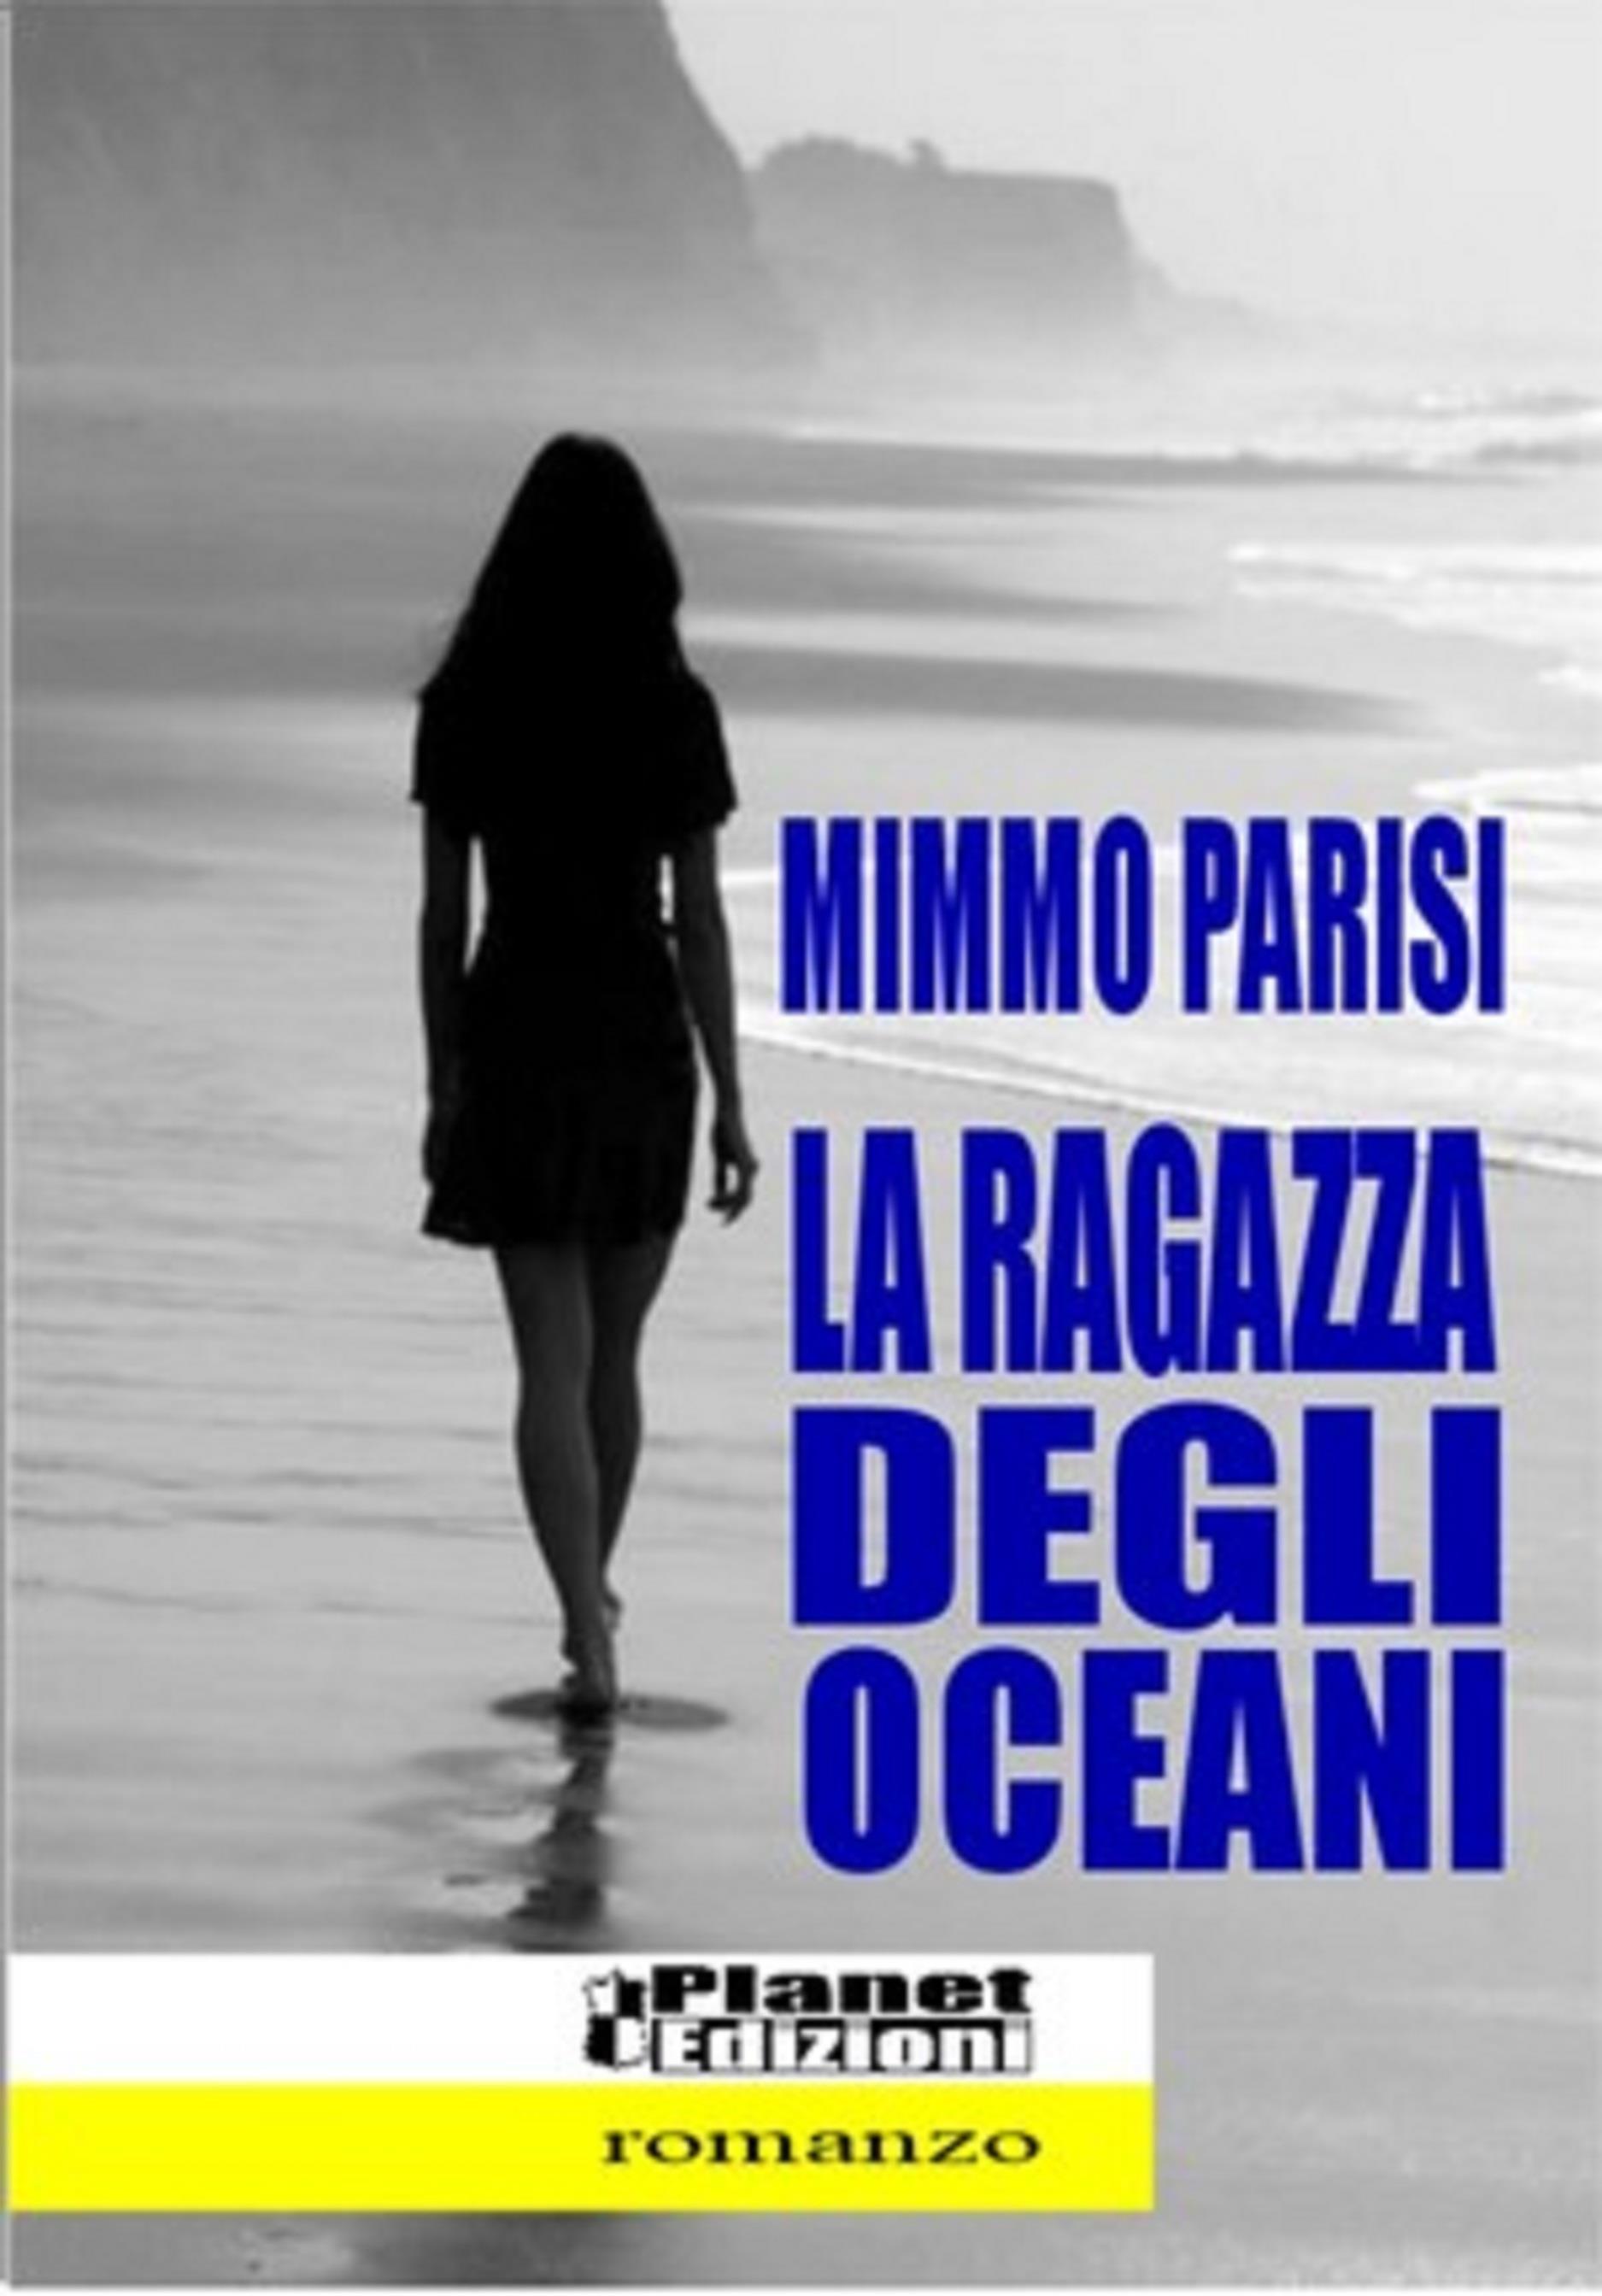 La ragazza degli oceani